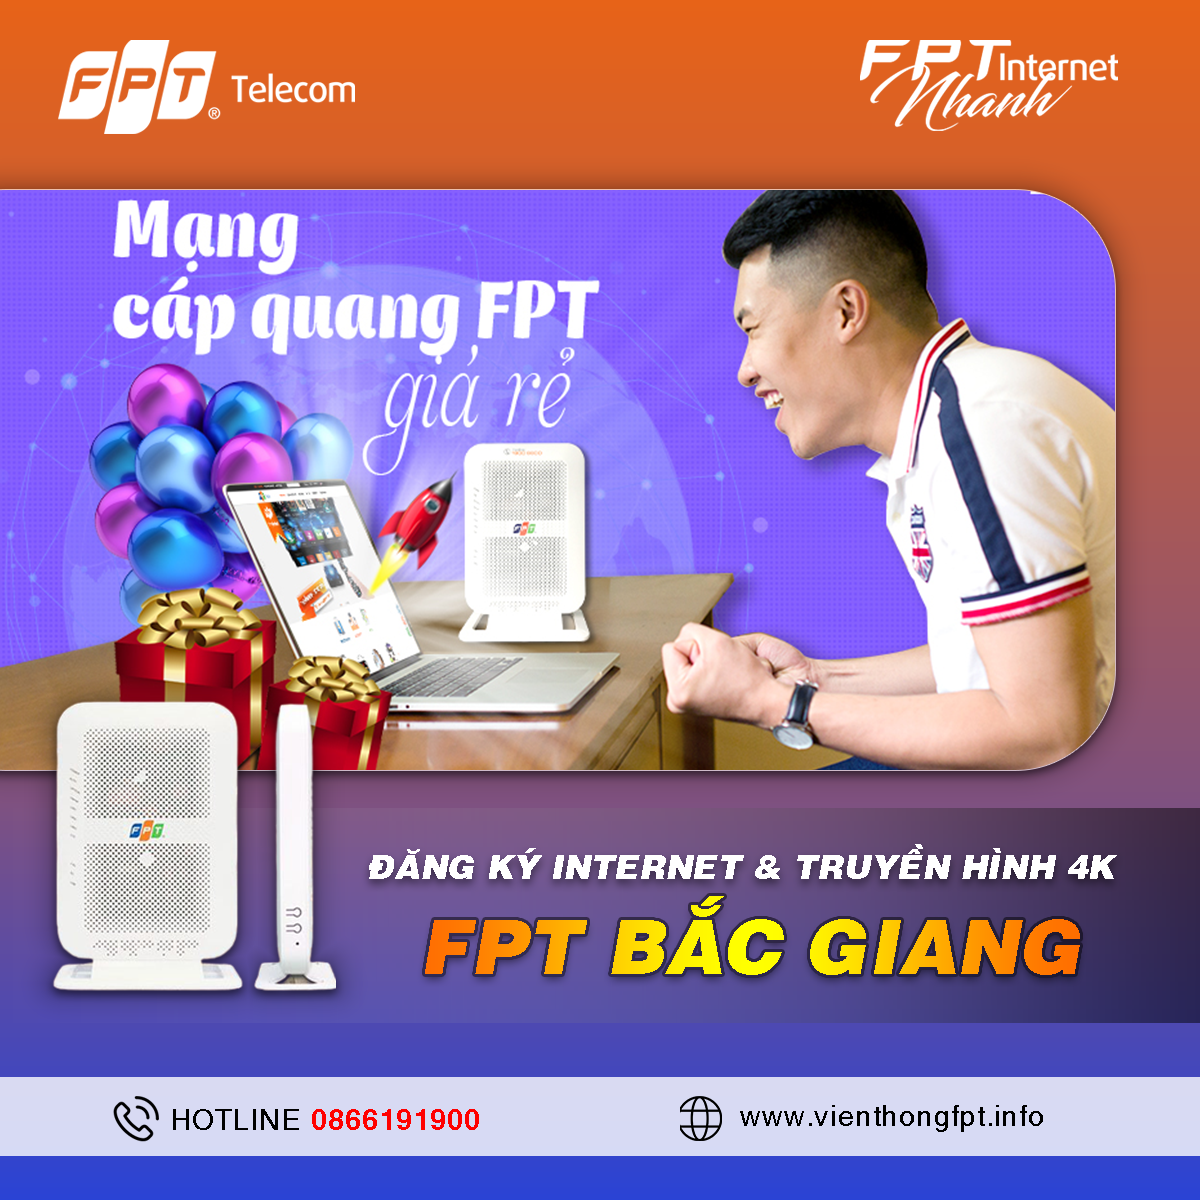 Tổng đài Đăng ký Internet FPT Bắc Giang